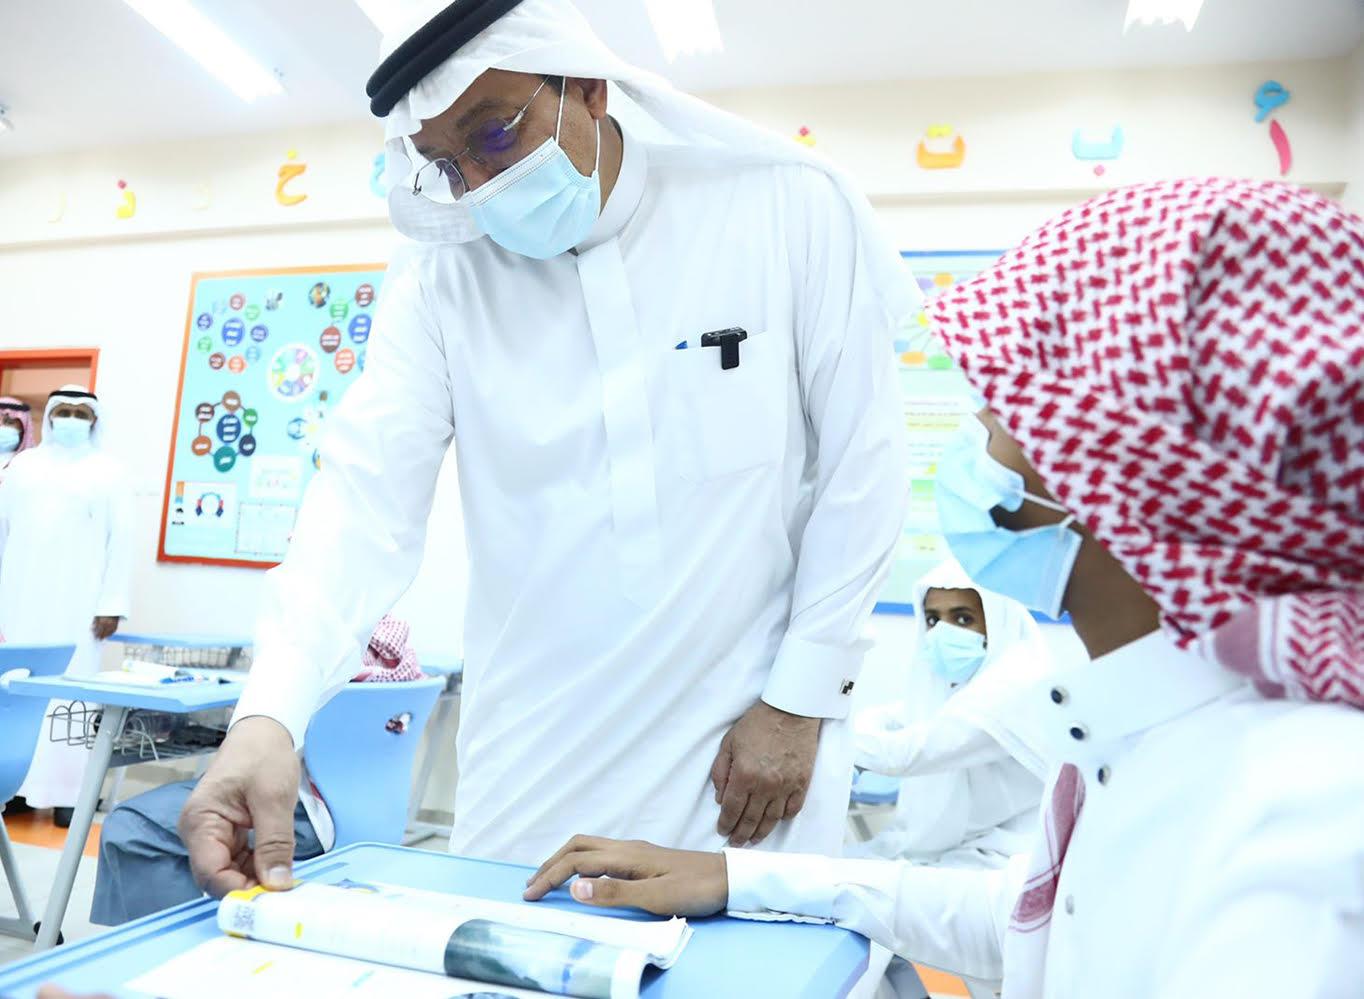 جولة وزير التعليم لمجمع الأمير فيصل بن عبد الله التعليمي التابع للإدارة العامة للتعليم بمنطقة جازان